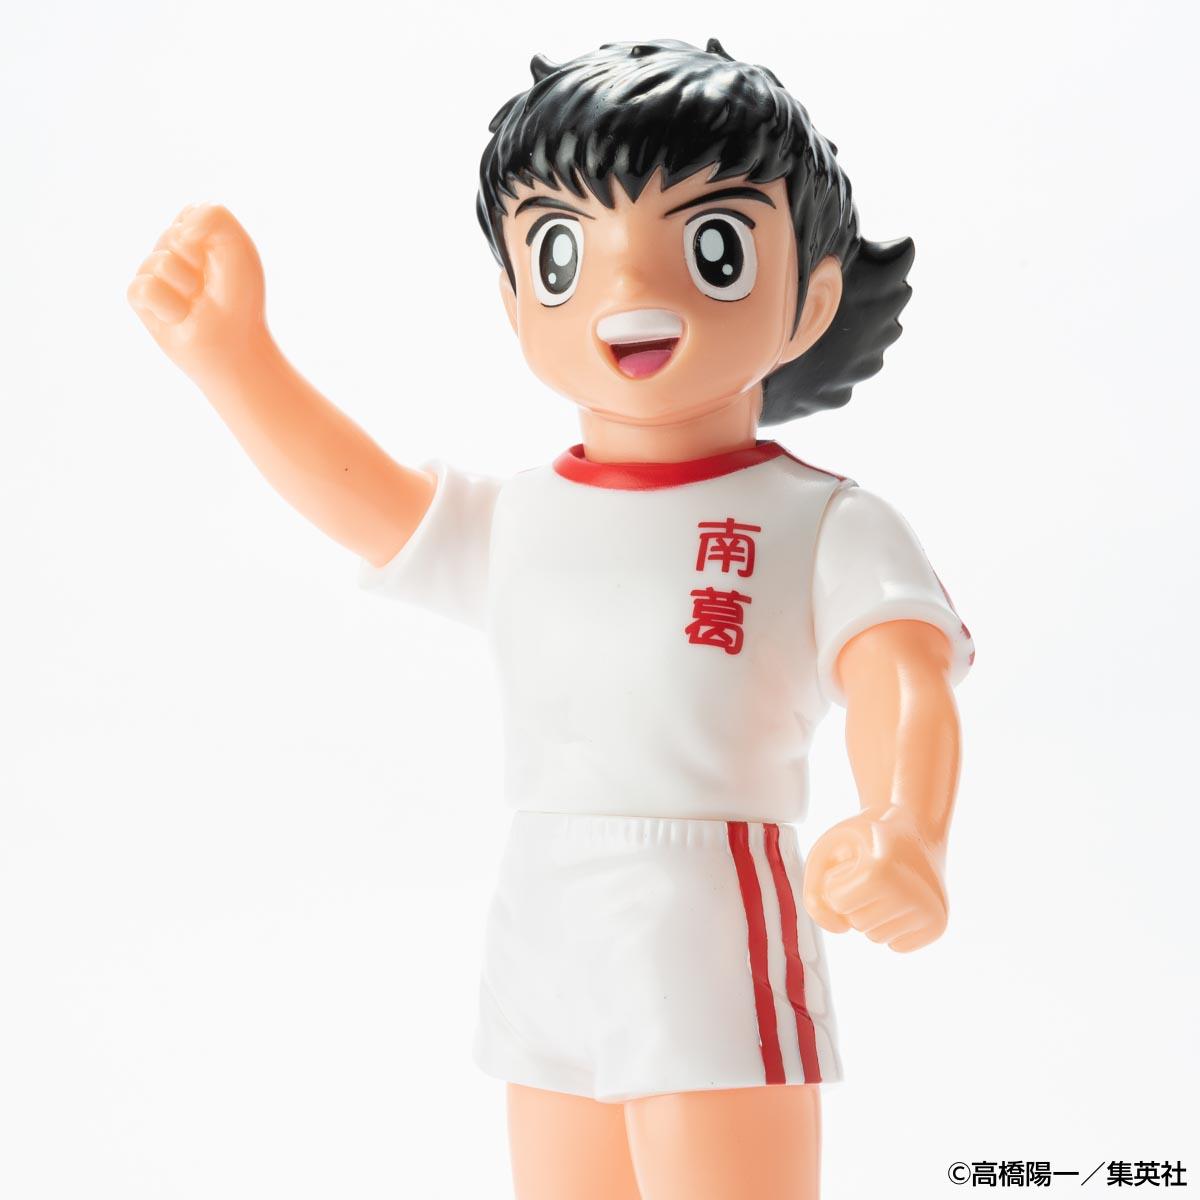 Captain Tsubasa sofvi collection Ozora Tsubasa 'Nankatsu SC uniform(red) ver.'